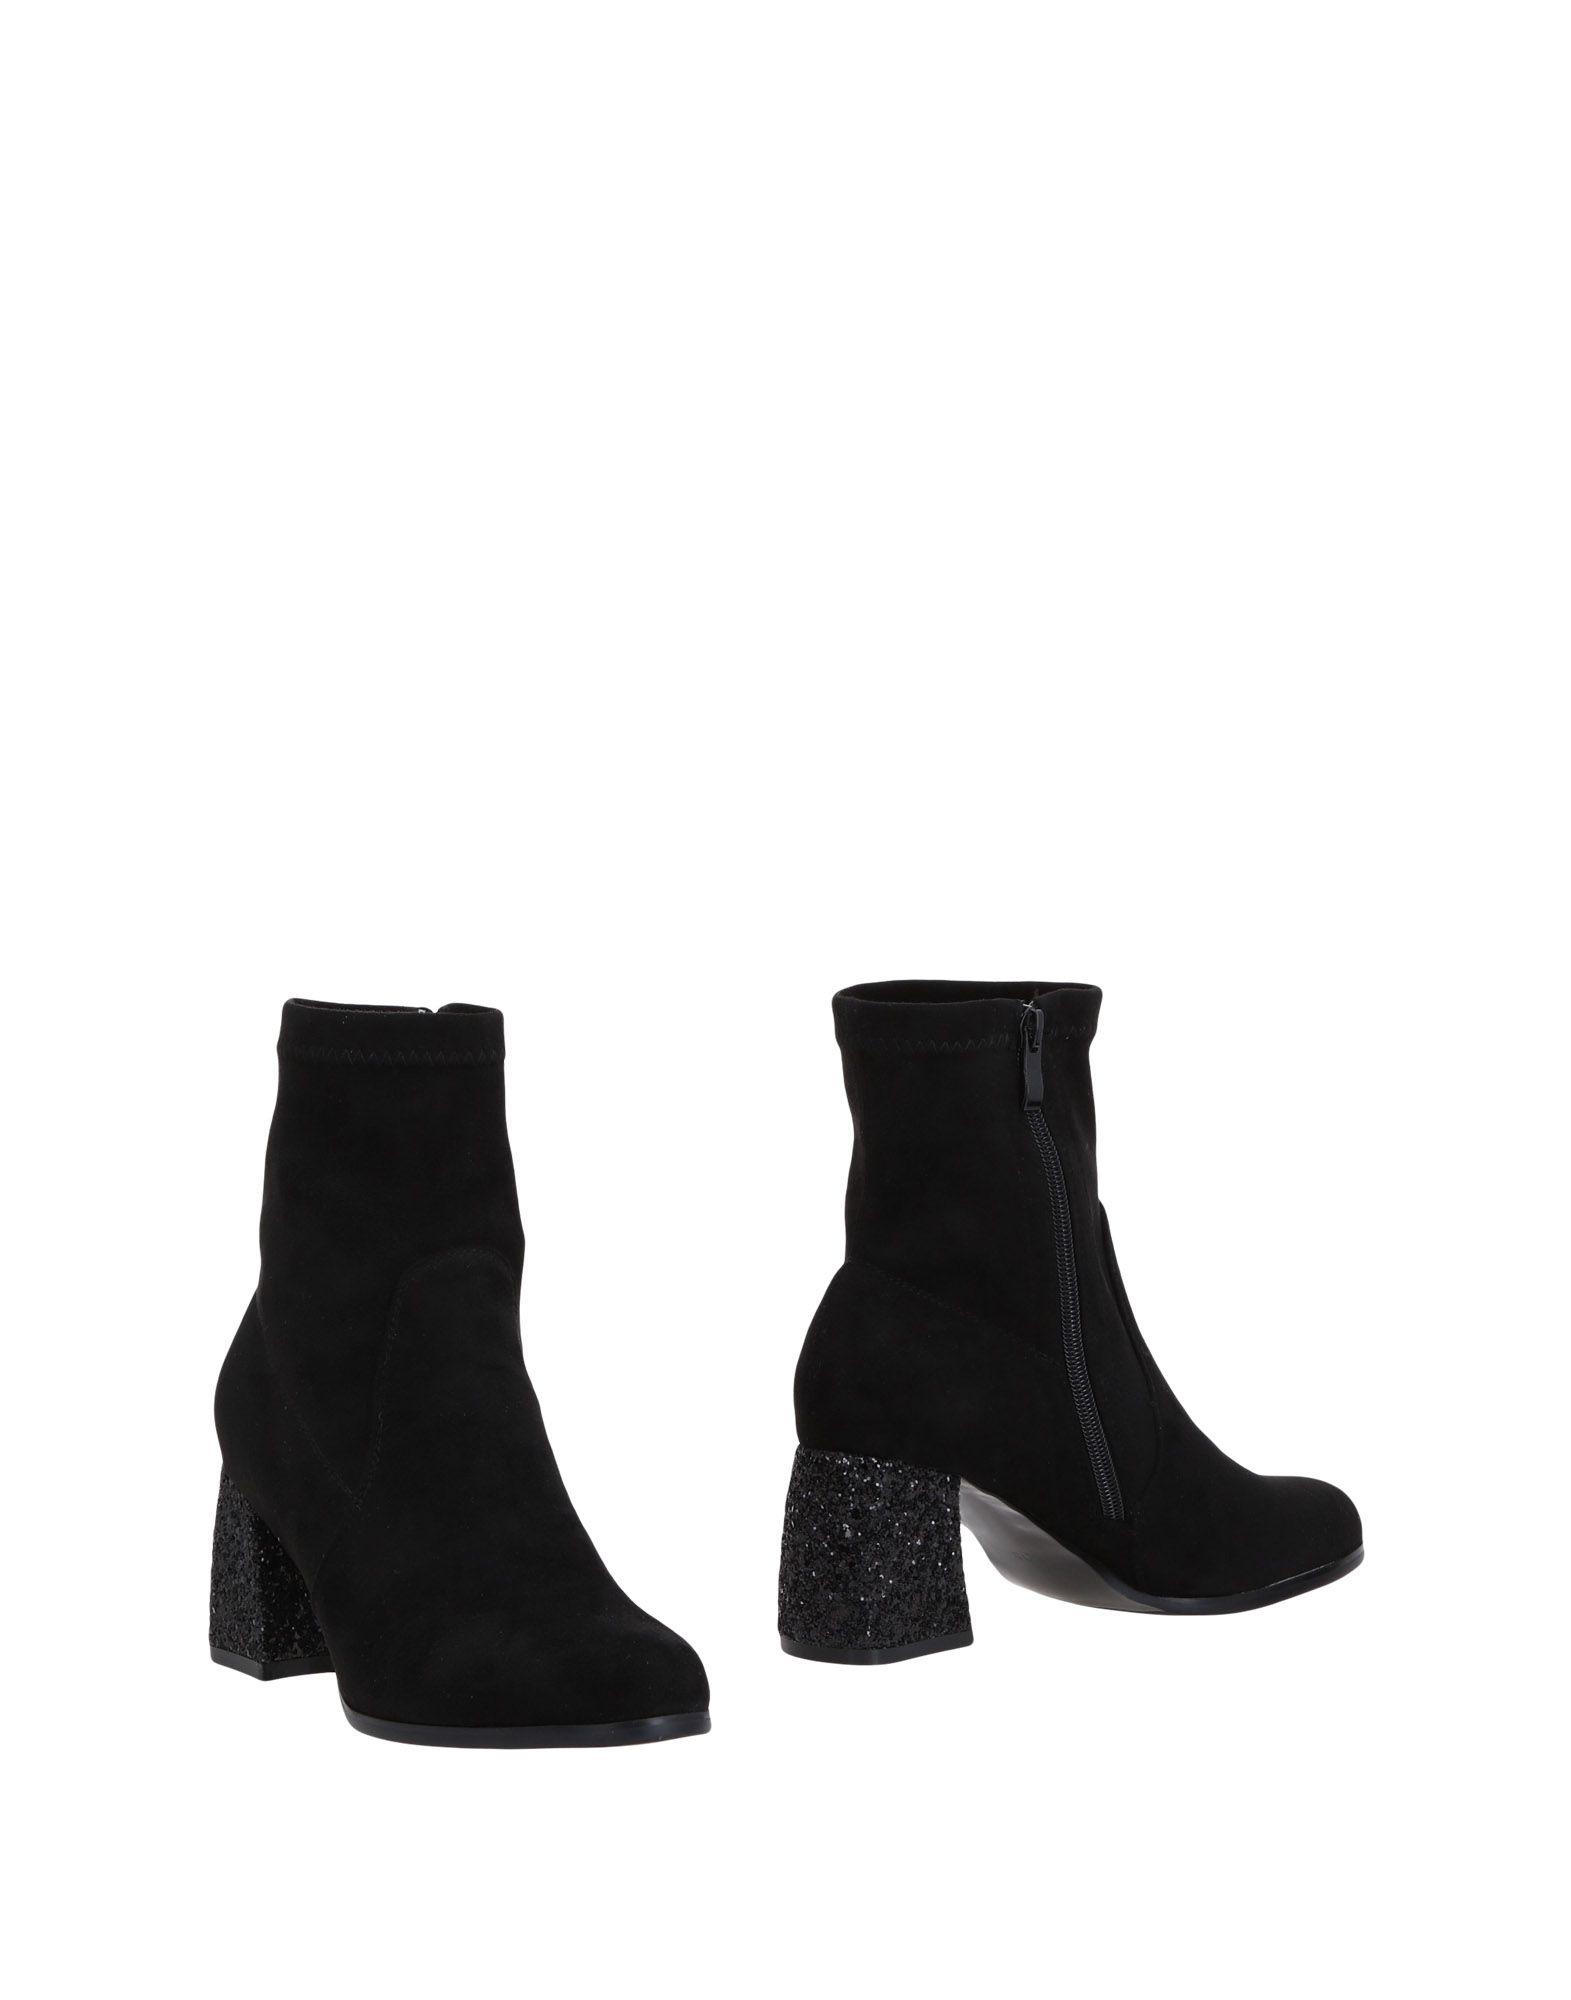 Exe' Stiefelette Damen  11467359SR Gute Qualität beliebte Schuhe